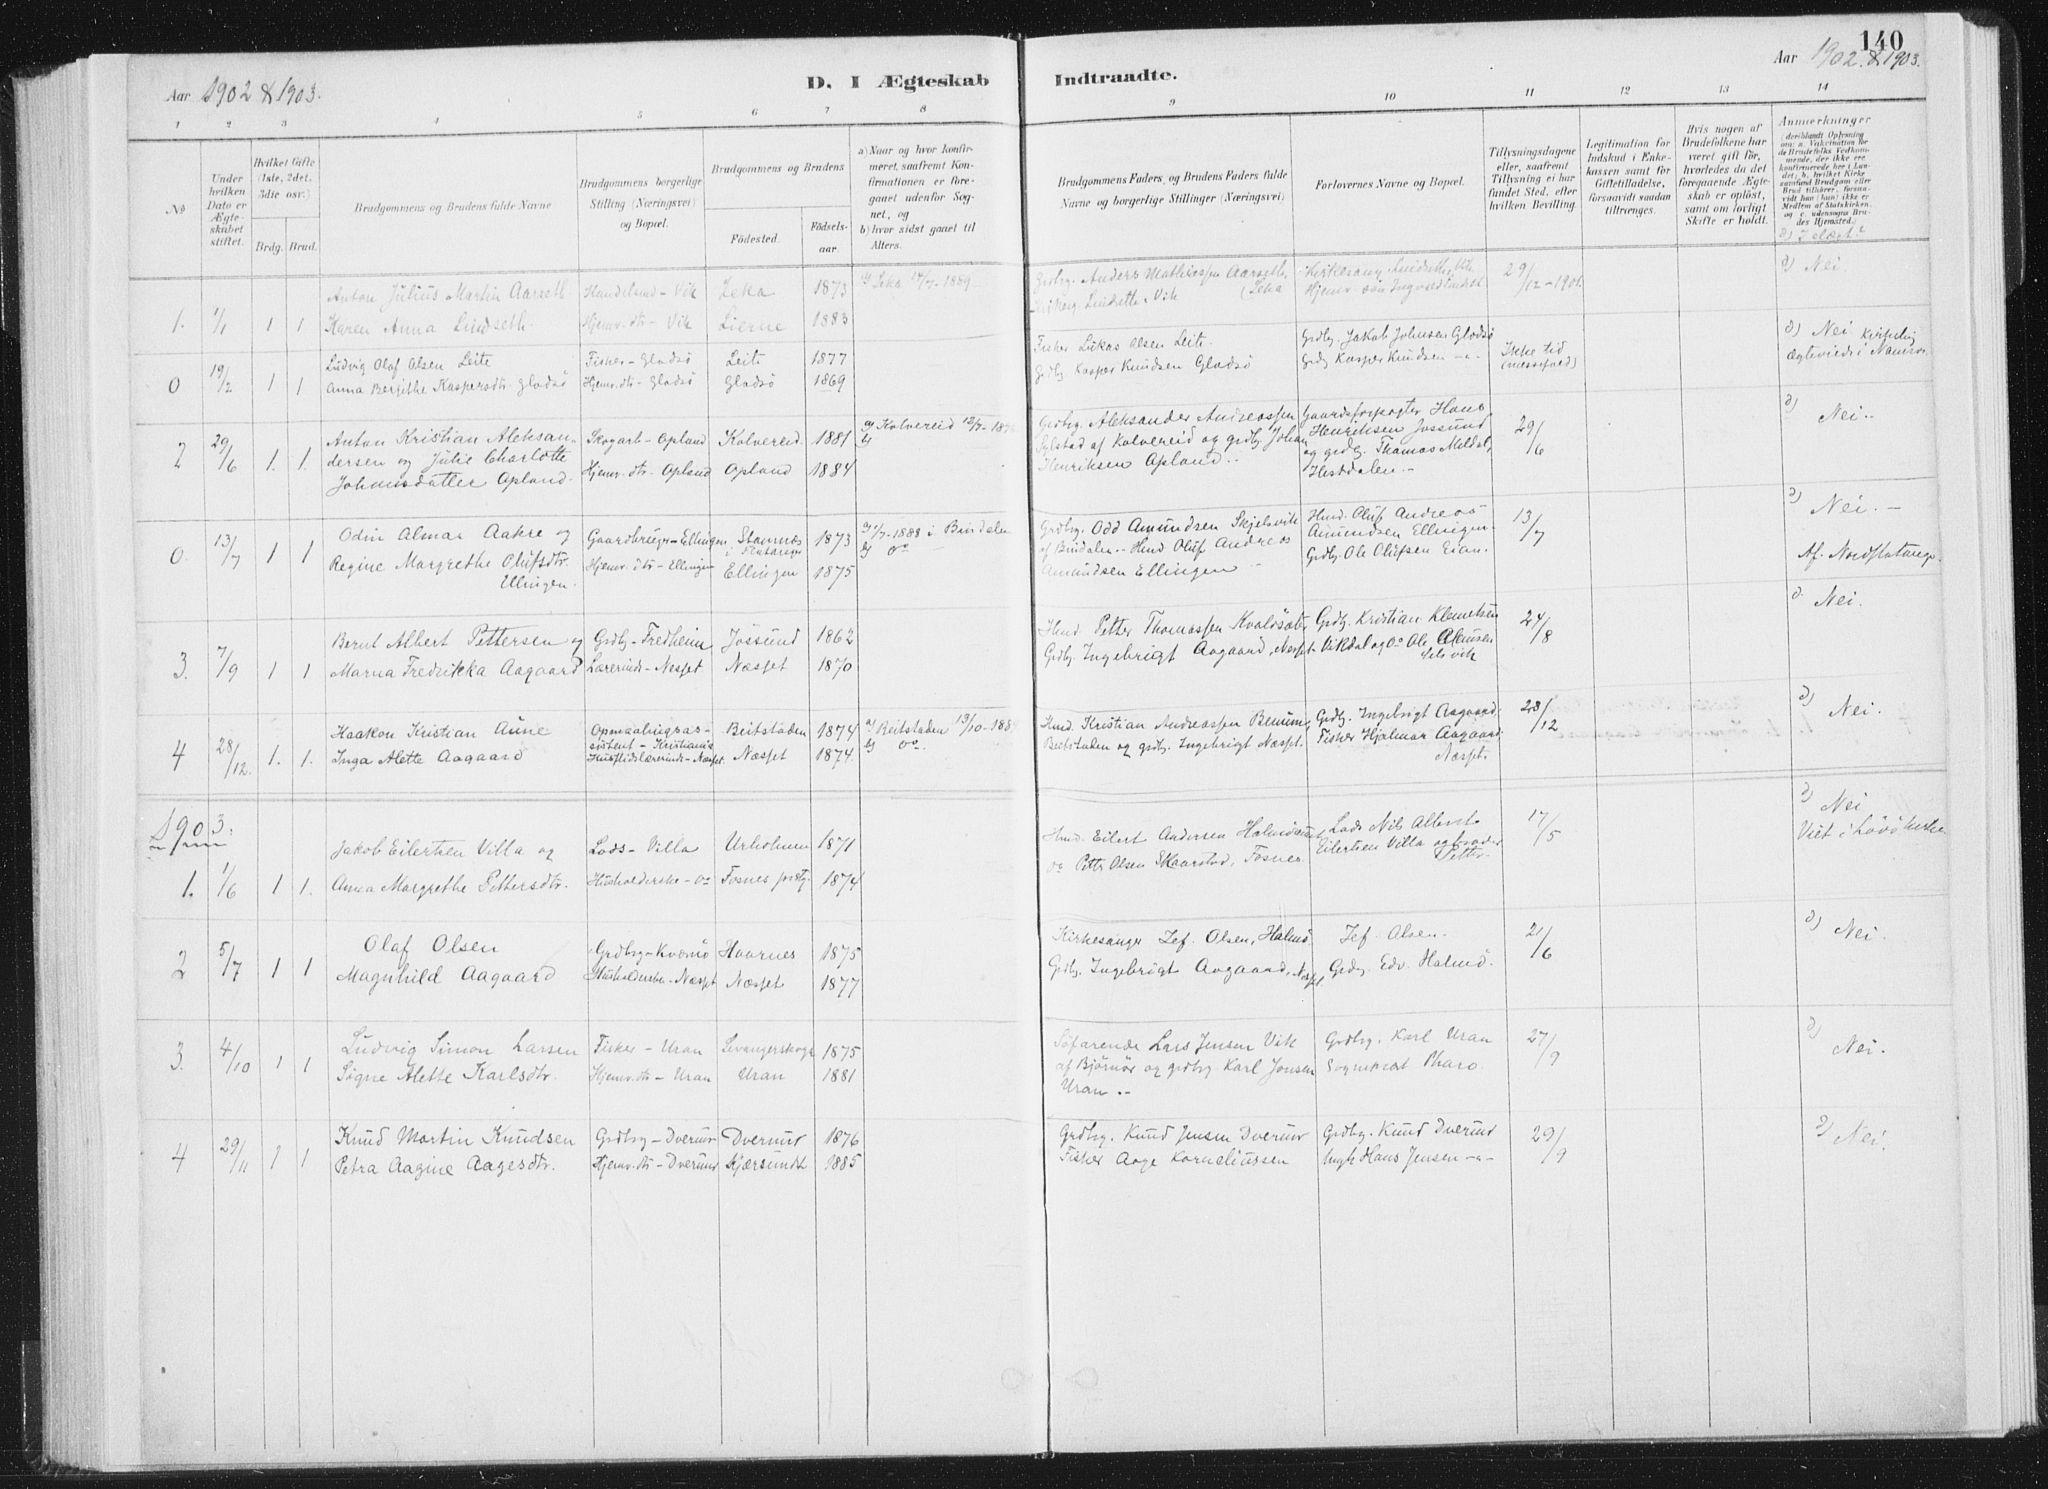 SAT, Ministerialprotokoller, klokkerbøker og fødselsregistre - Nord-Trøndelag, 771/L0597: Ministerialbok nr. 771A04, 1885-1910, s. 140